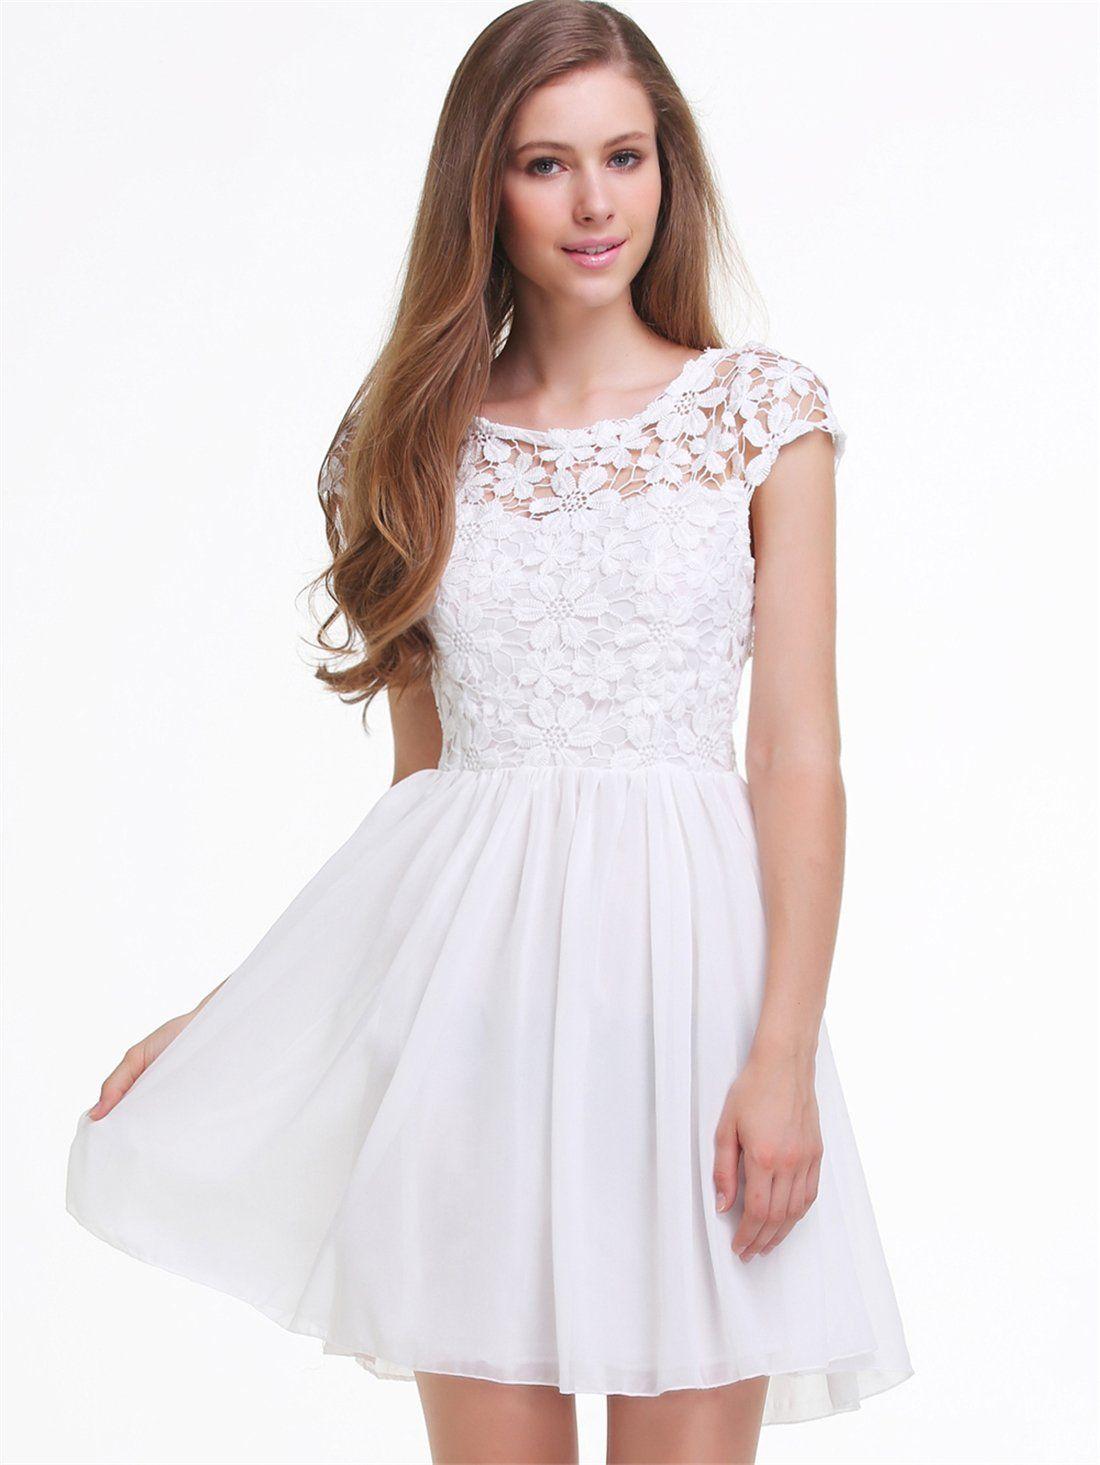 Pin von Neko Chan auf Wedding | Kurze abendkleider, Weiße ...